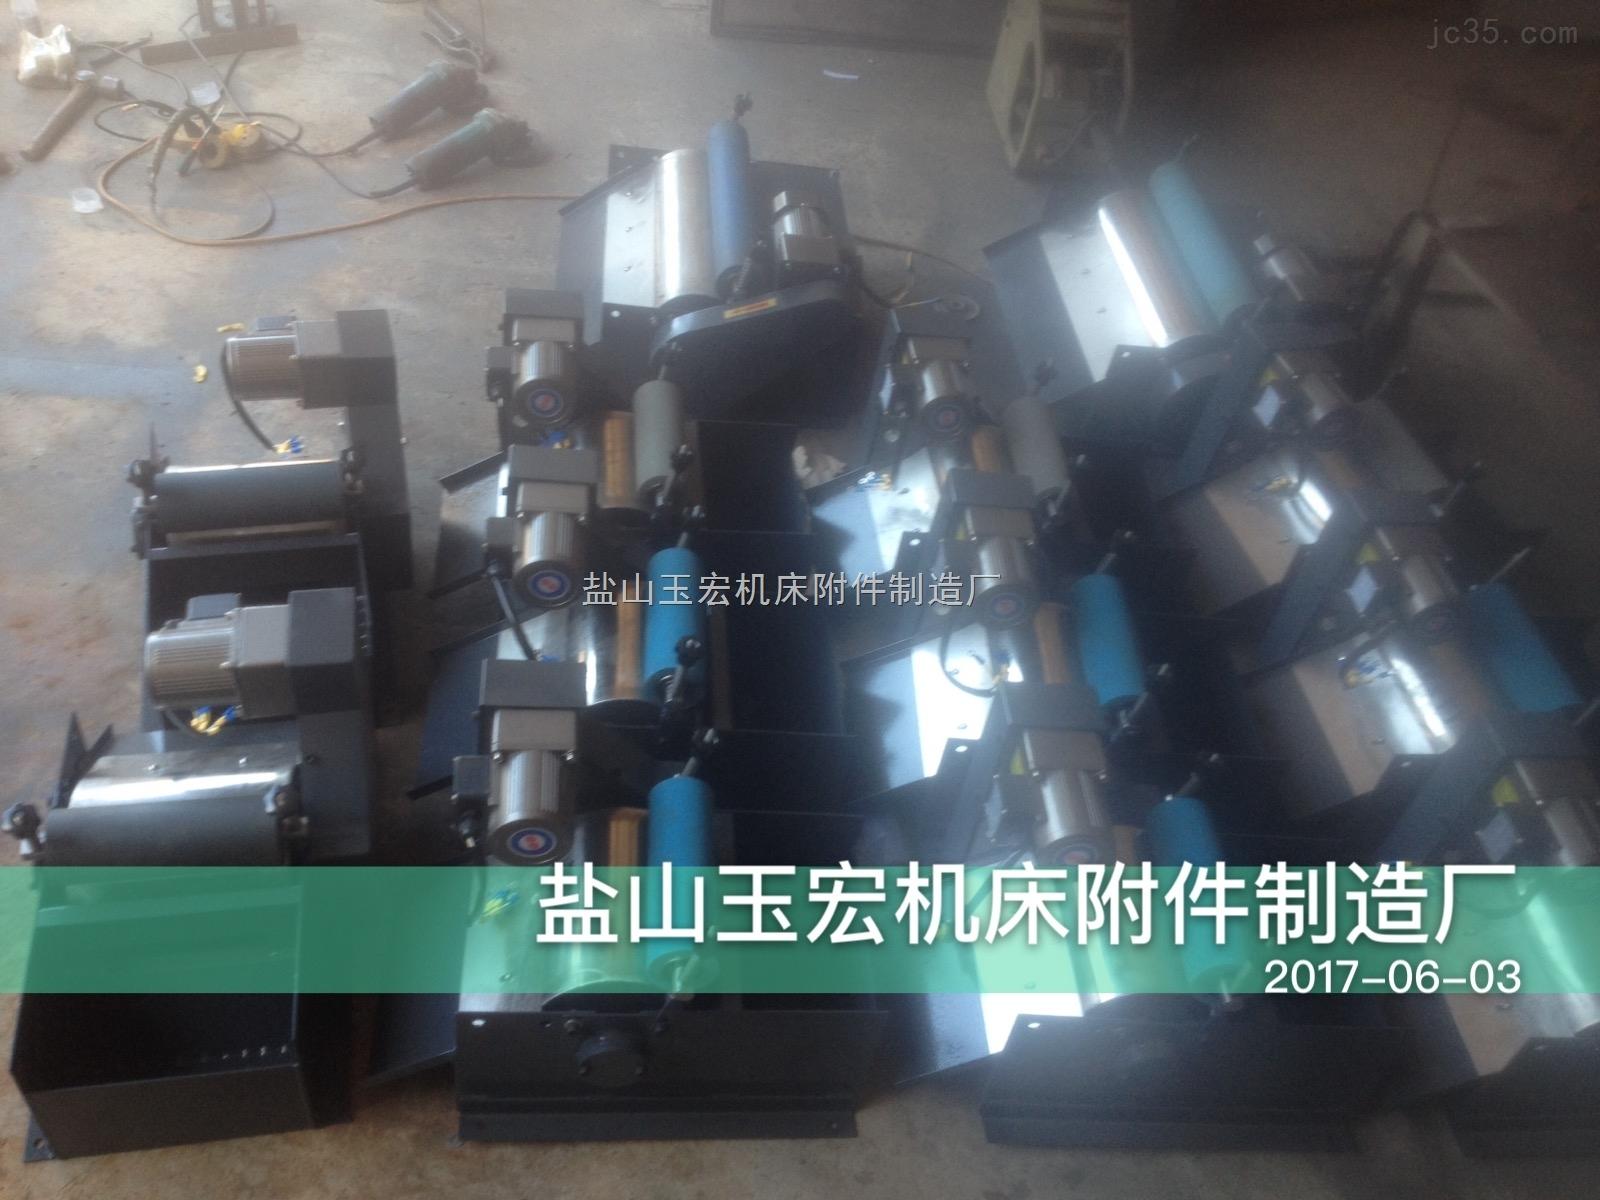 磁性分离器、盐山玉宏、磁性分离器价格